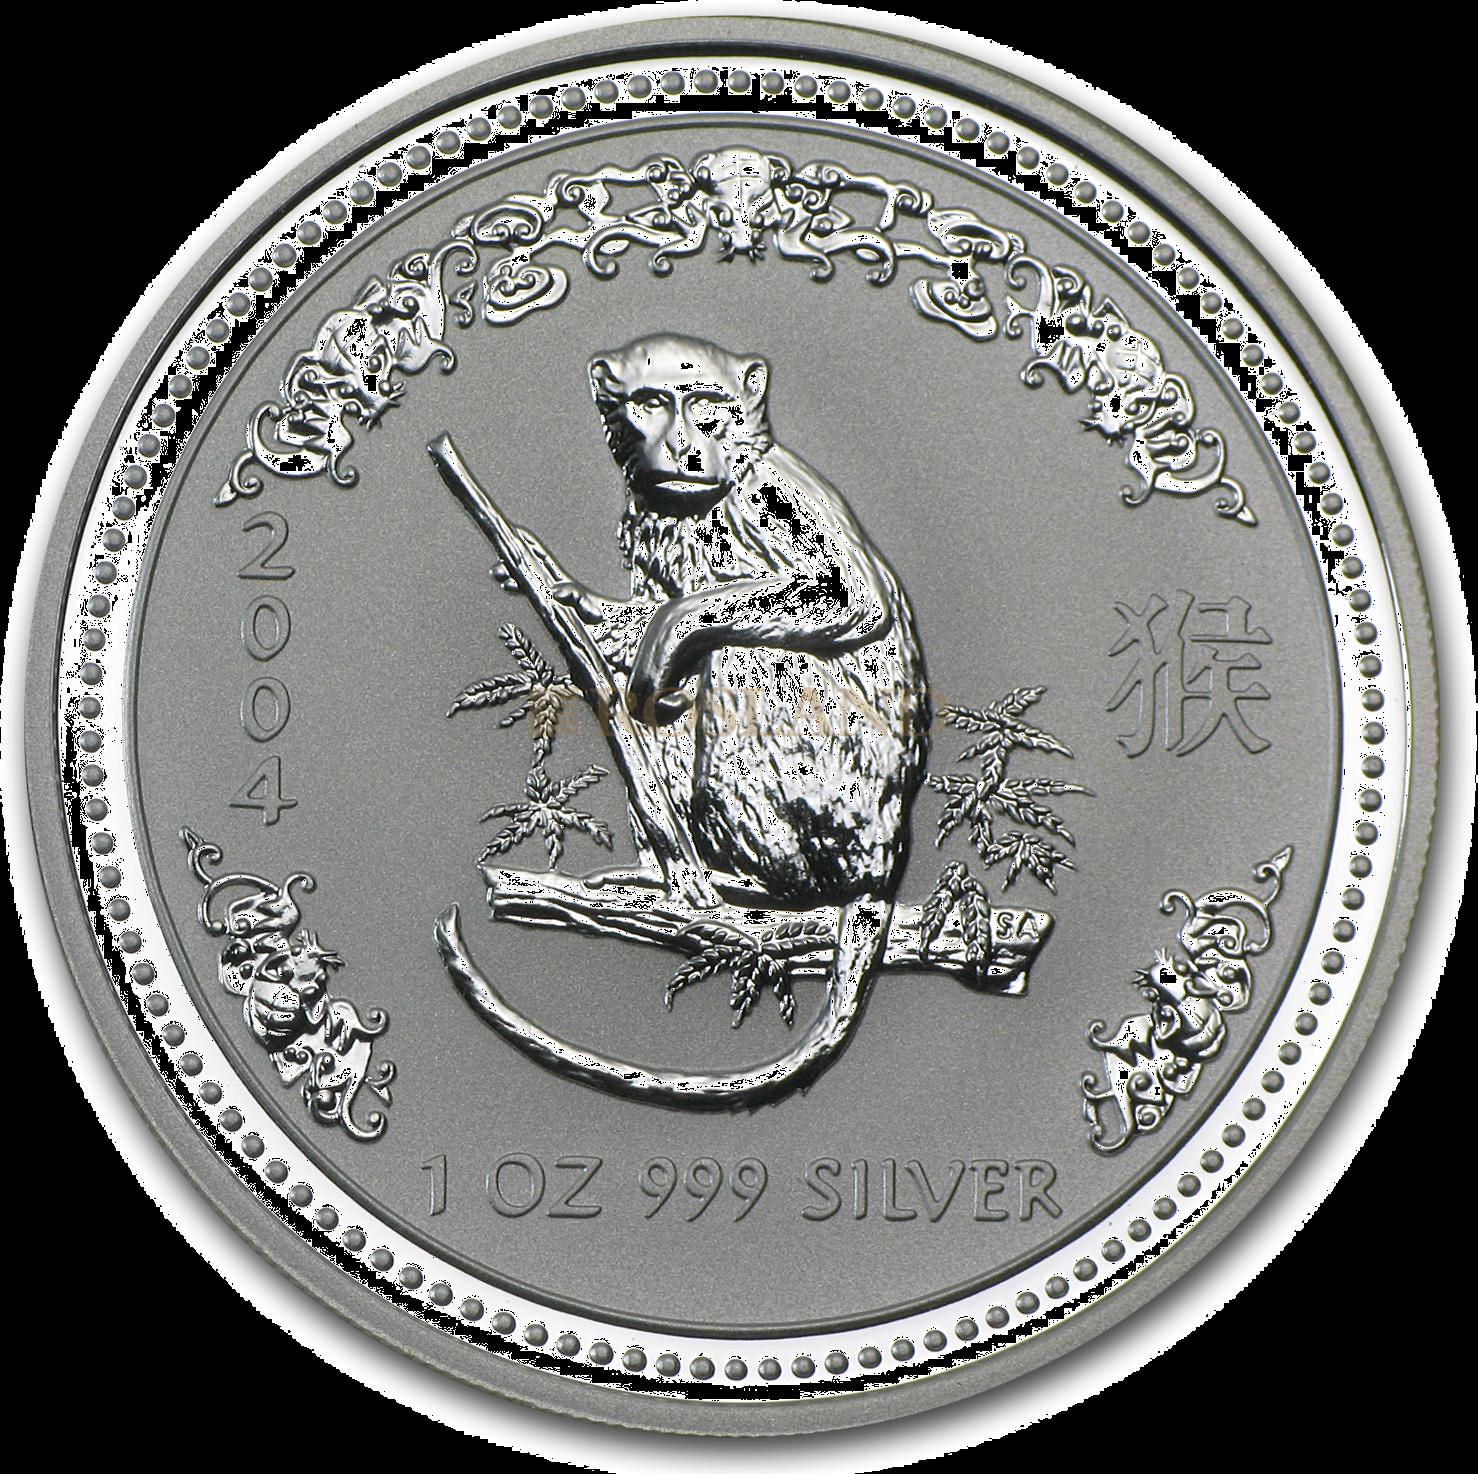 1 Unze Silbermünze Australien Lunar 1 Affe 2004